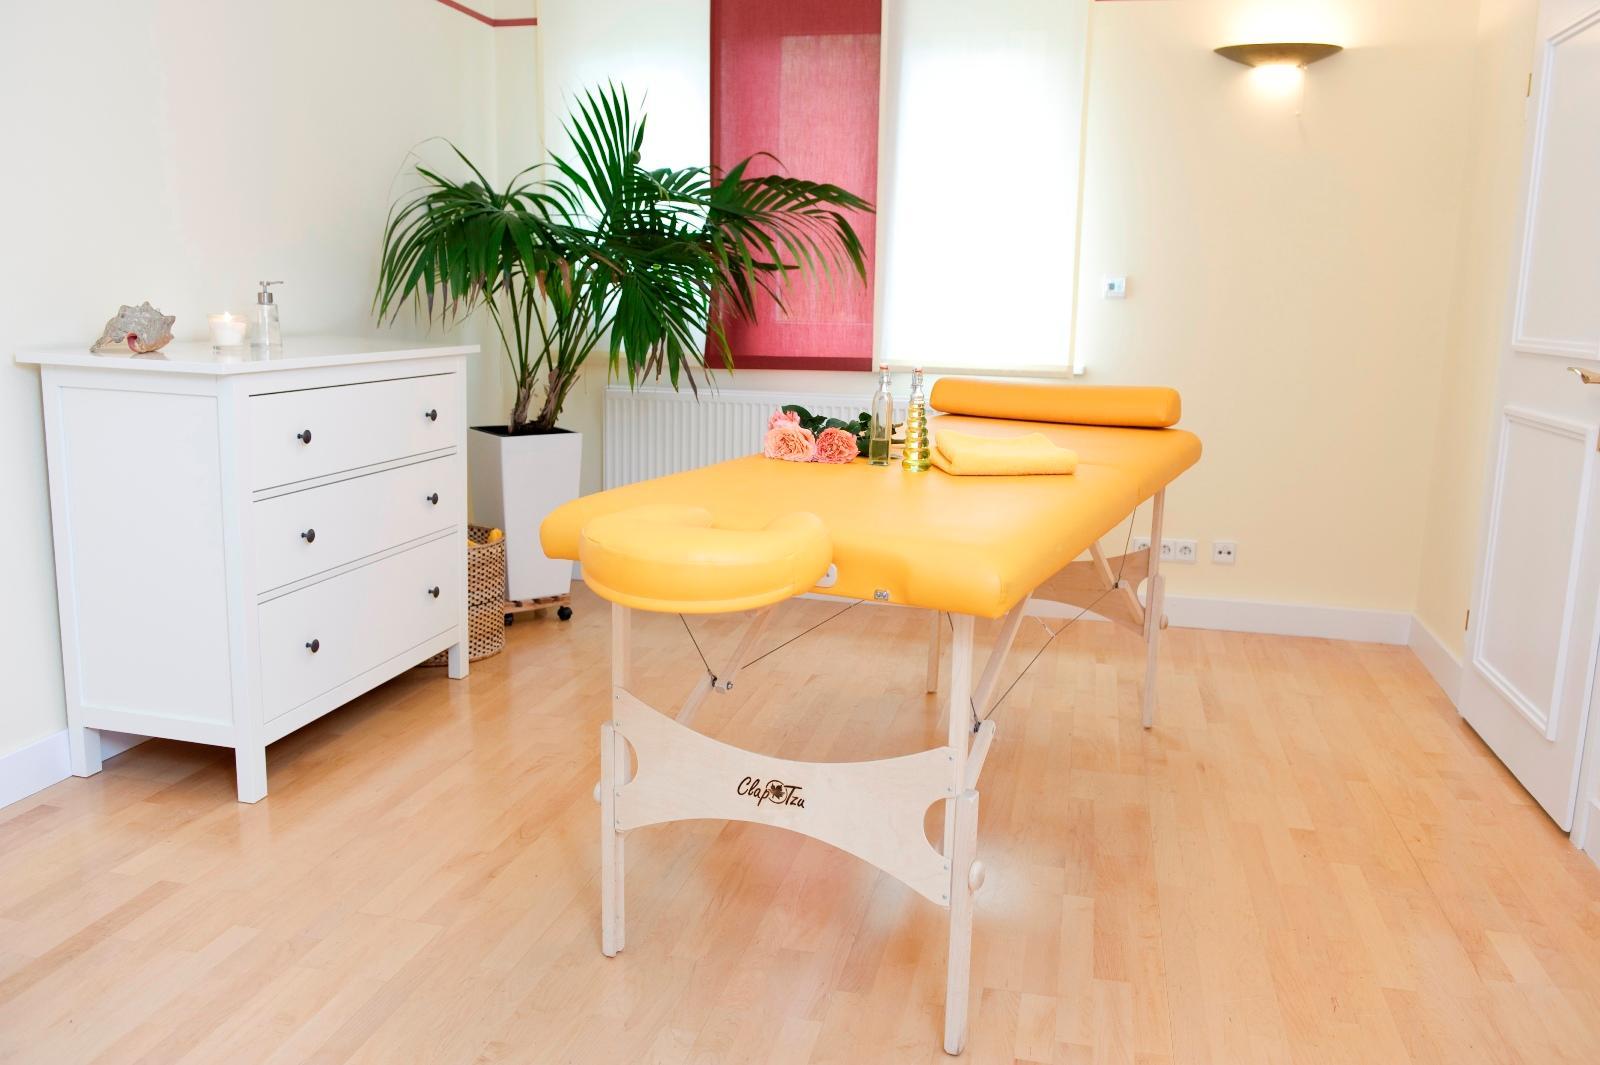 kubamass massage f r k rper und seele massage stuttgart deutschland tel 07111808. Black Bedroom Furniture Sets. Home Design Ideas